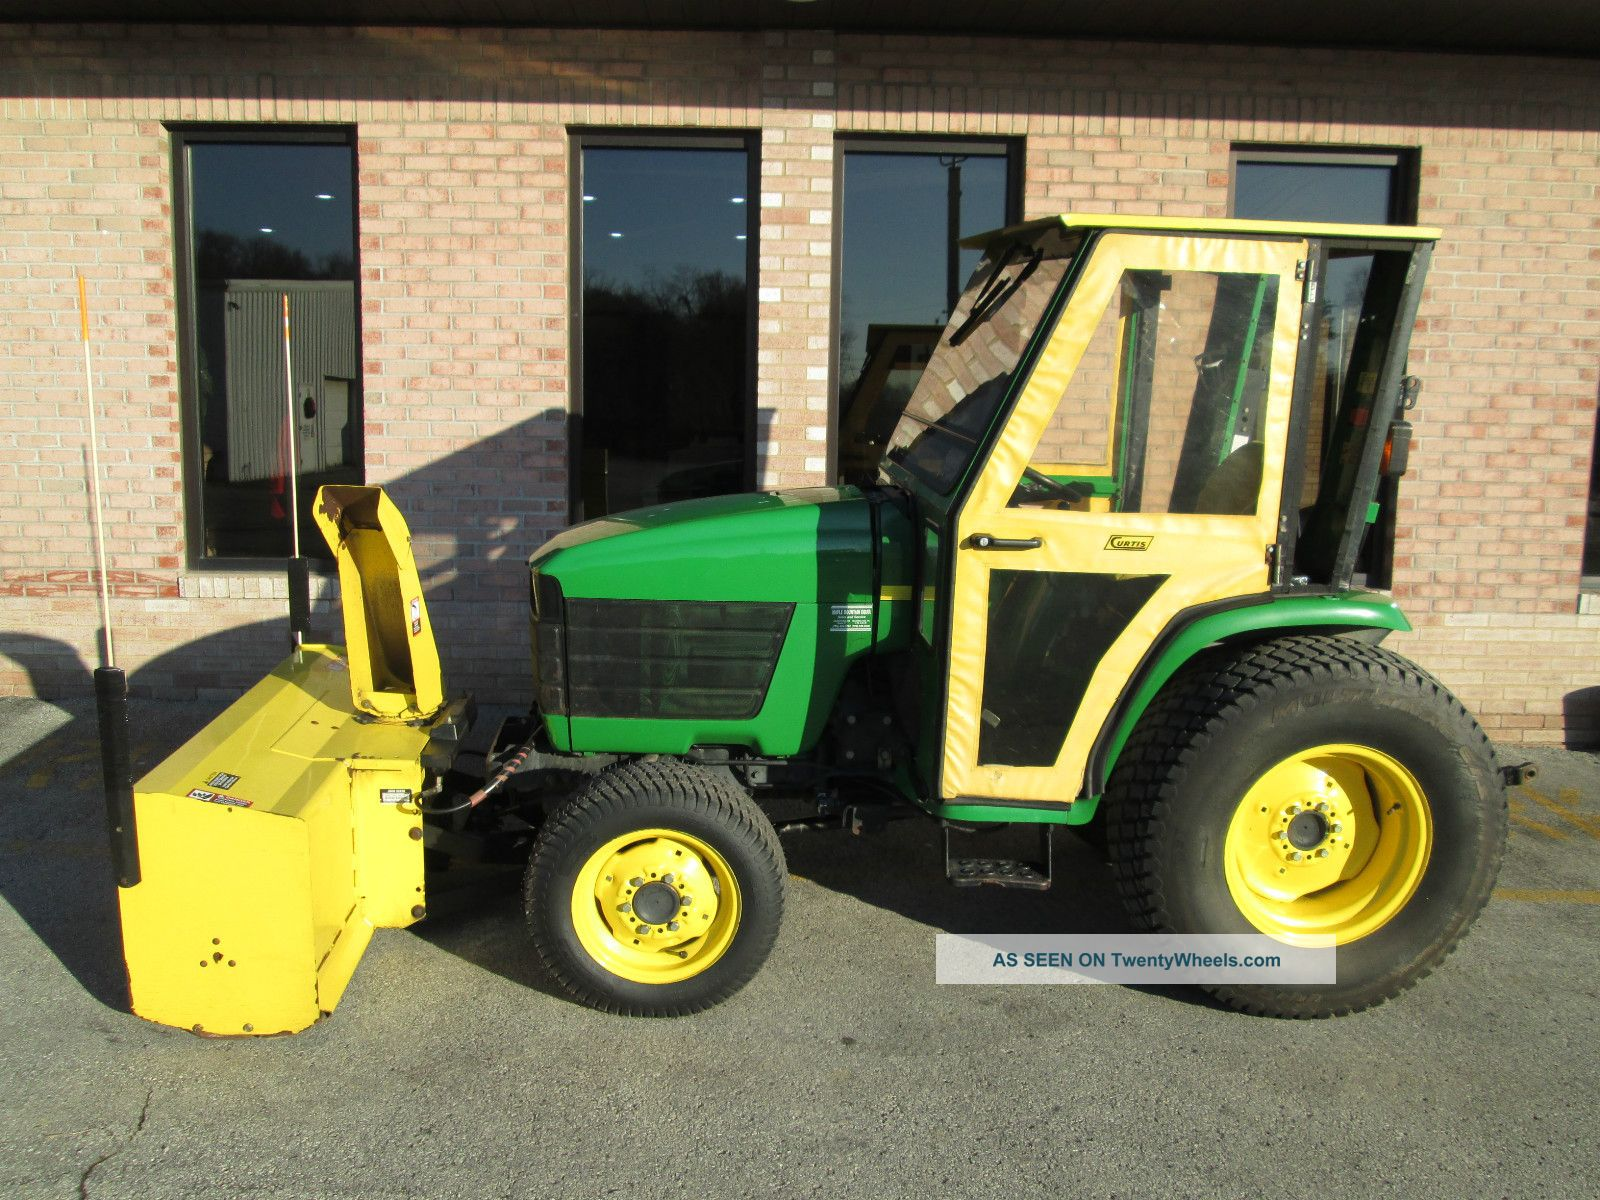 2000 John Deere 4300 4x4 Diesel Hydrostatic 1 Owner Cab Mower Plow Snowblower Tractors photo